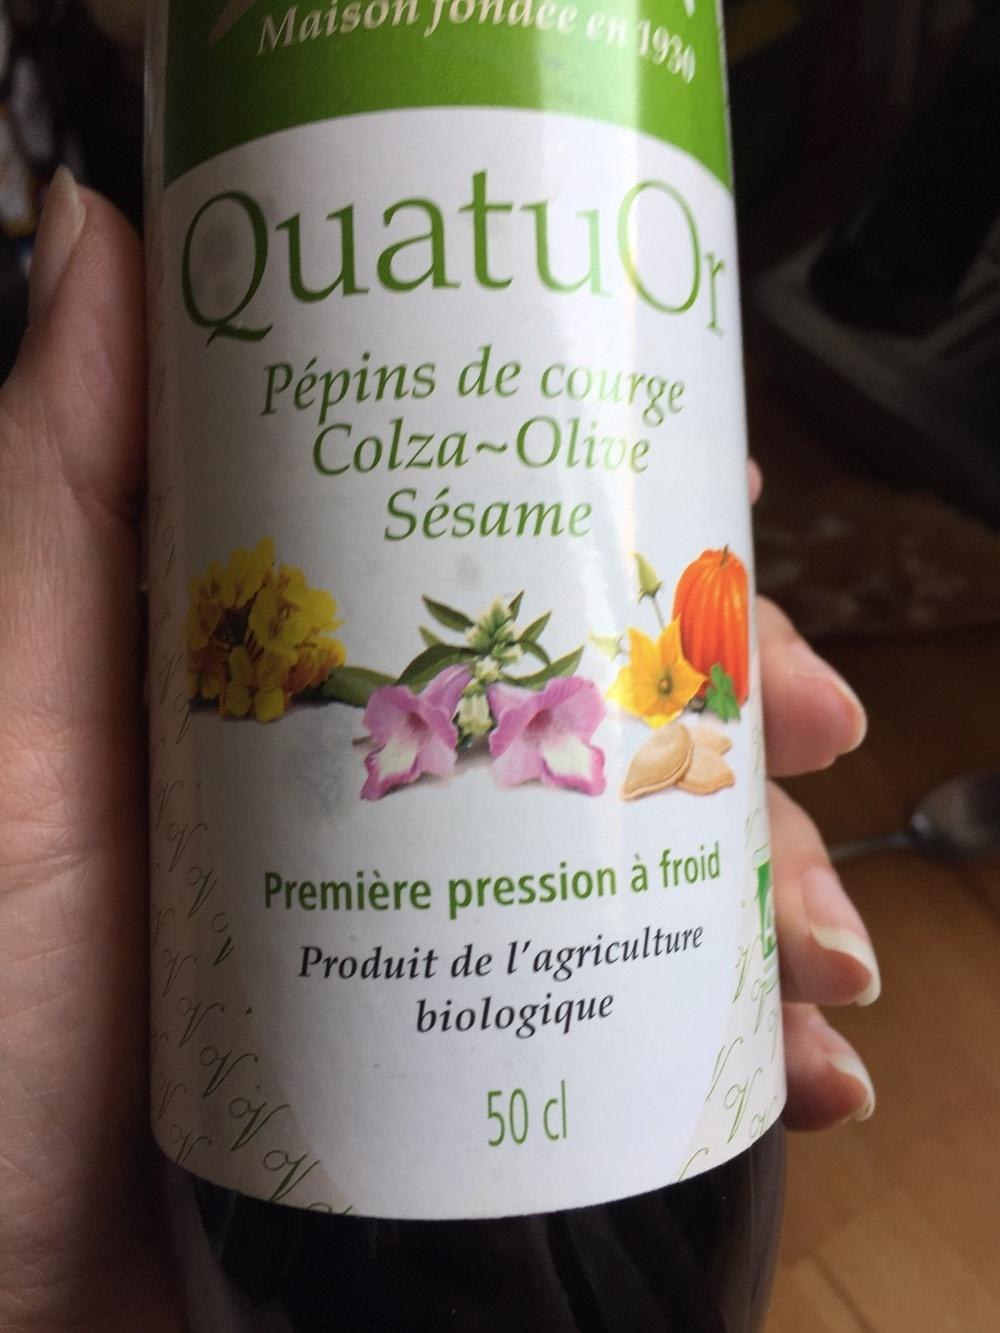 Huile de Pépins de courge Colza~Olive Sésame Première pression à froid - Product